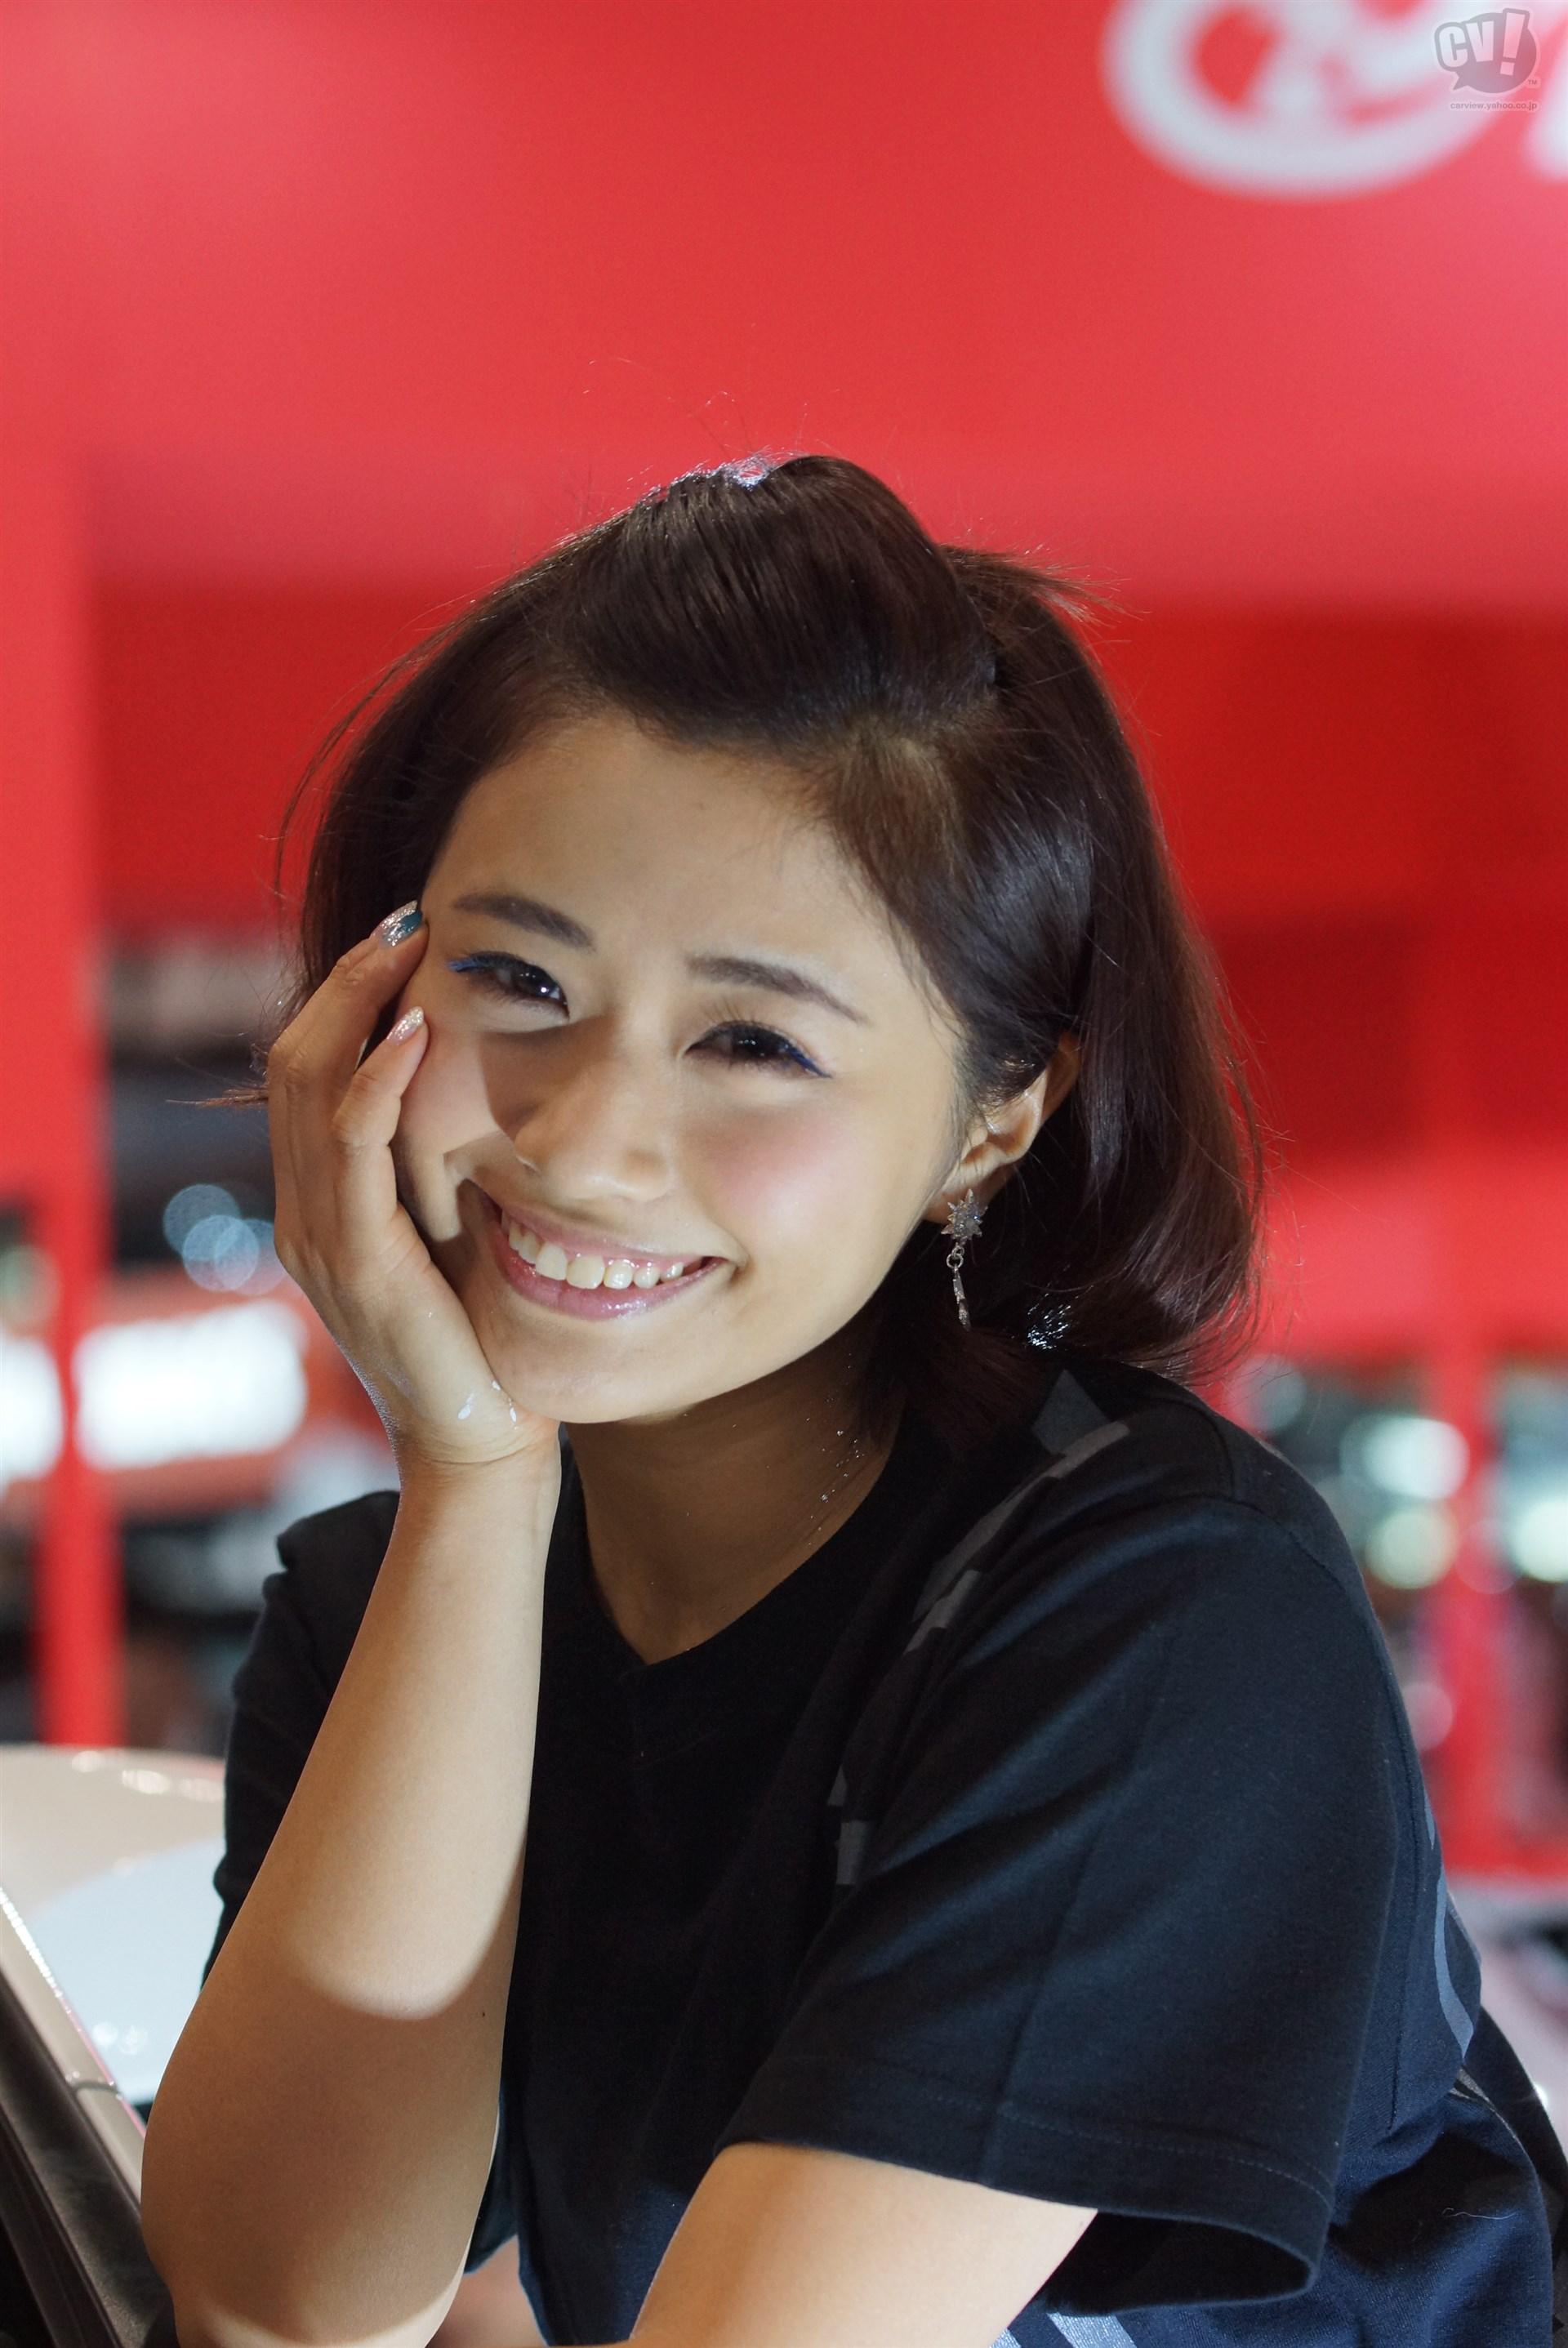 安枝瞳たんのスレッド☆4 [無断転載禁止]©bbspink.comfc2>1本 YouTube動画>6本 ->画像>387枚